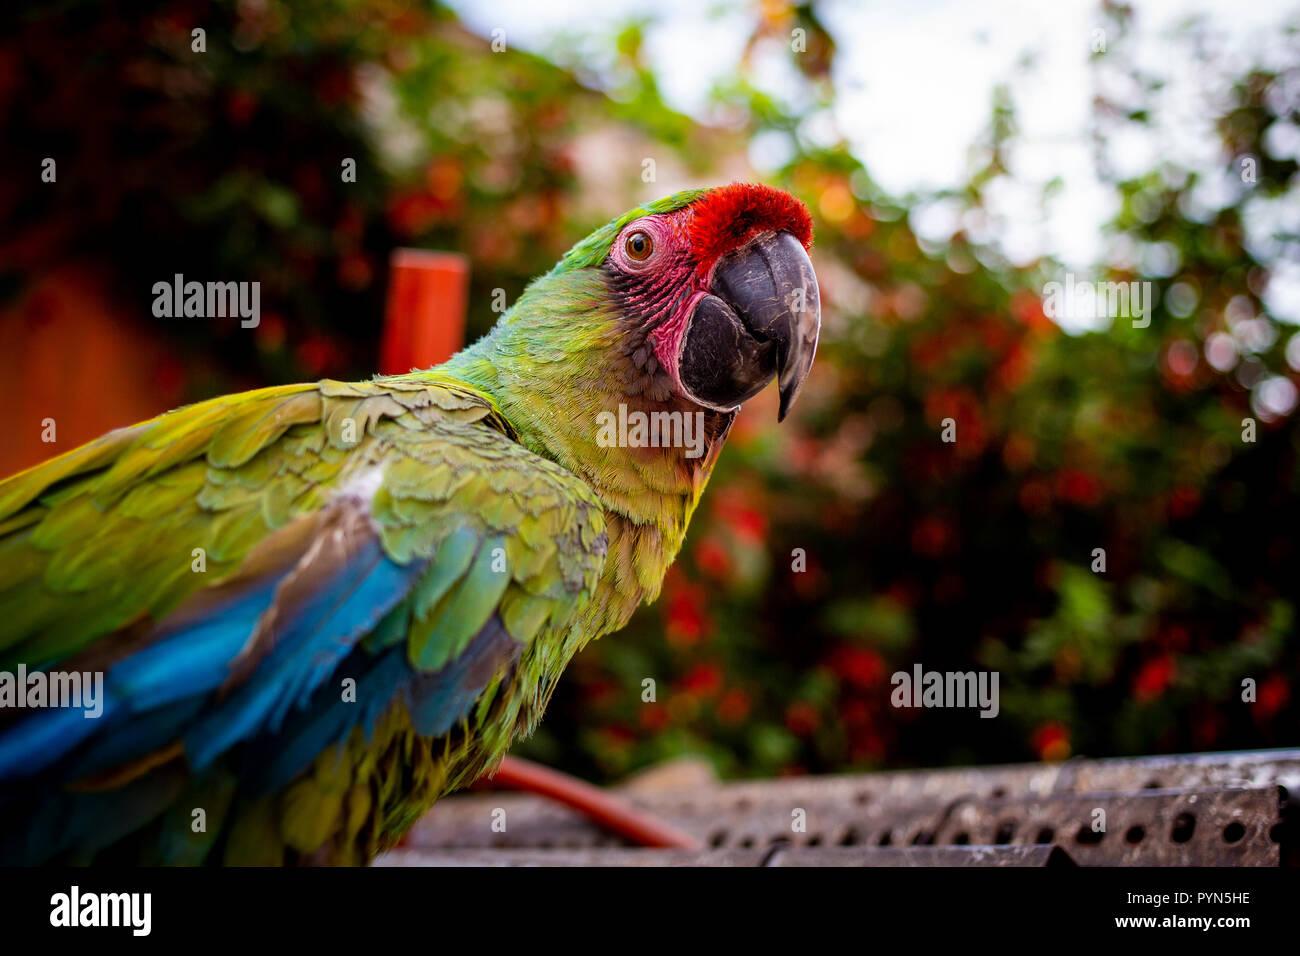 Bunter Papagei schaut in die Kamera, bunte Papagei blickt in die Kamera Stockbild